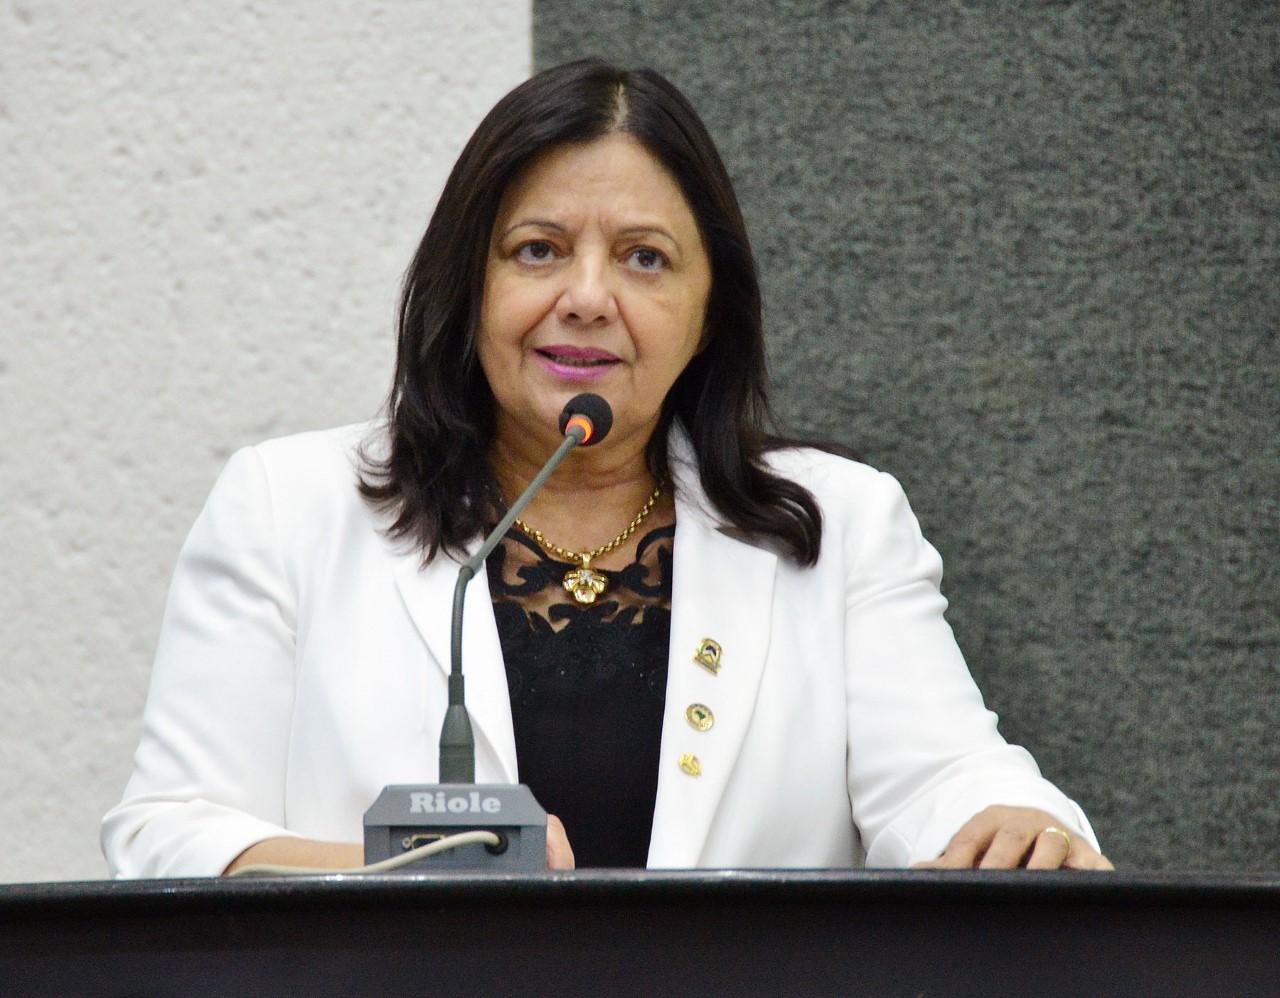 Parlamentar pede esclarecimento de assassinato de adolescente em Talismã